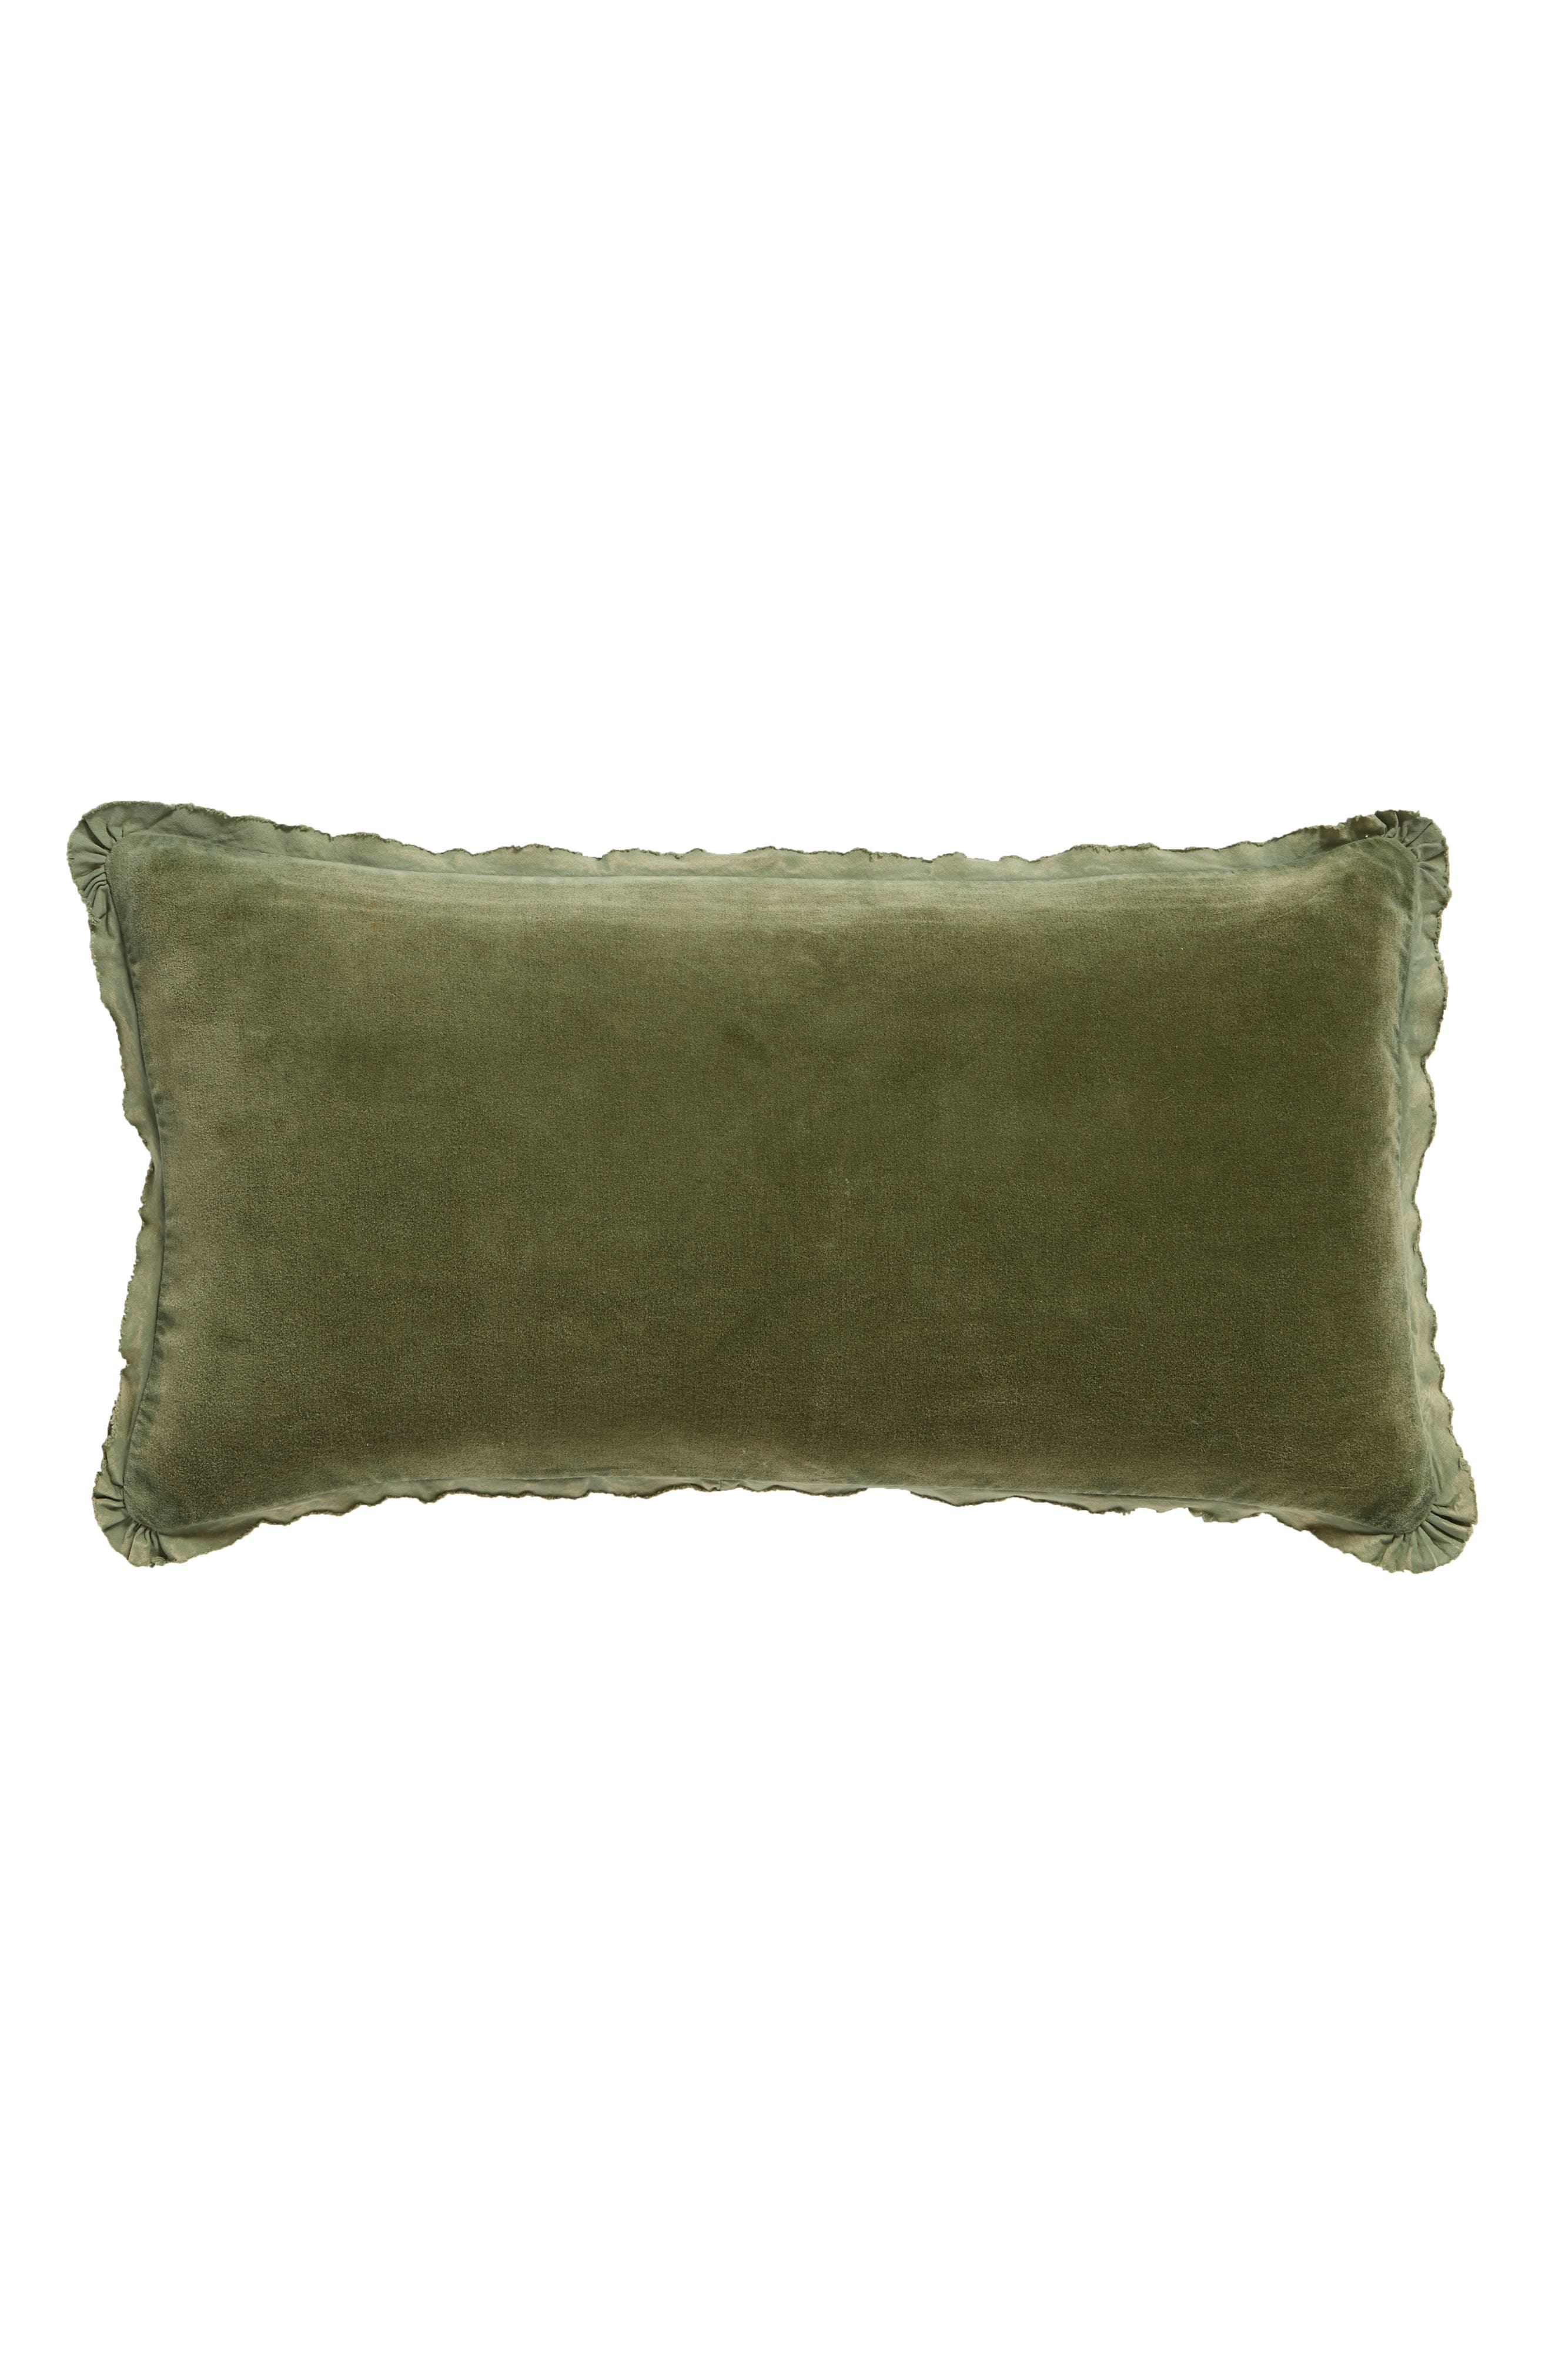 Velvet Accent Pillow,                         Main,                         color, GREEN SORREL